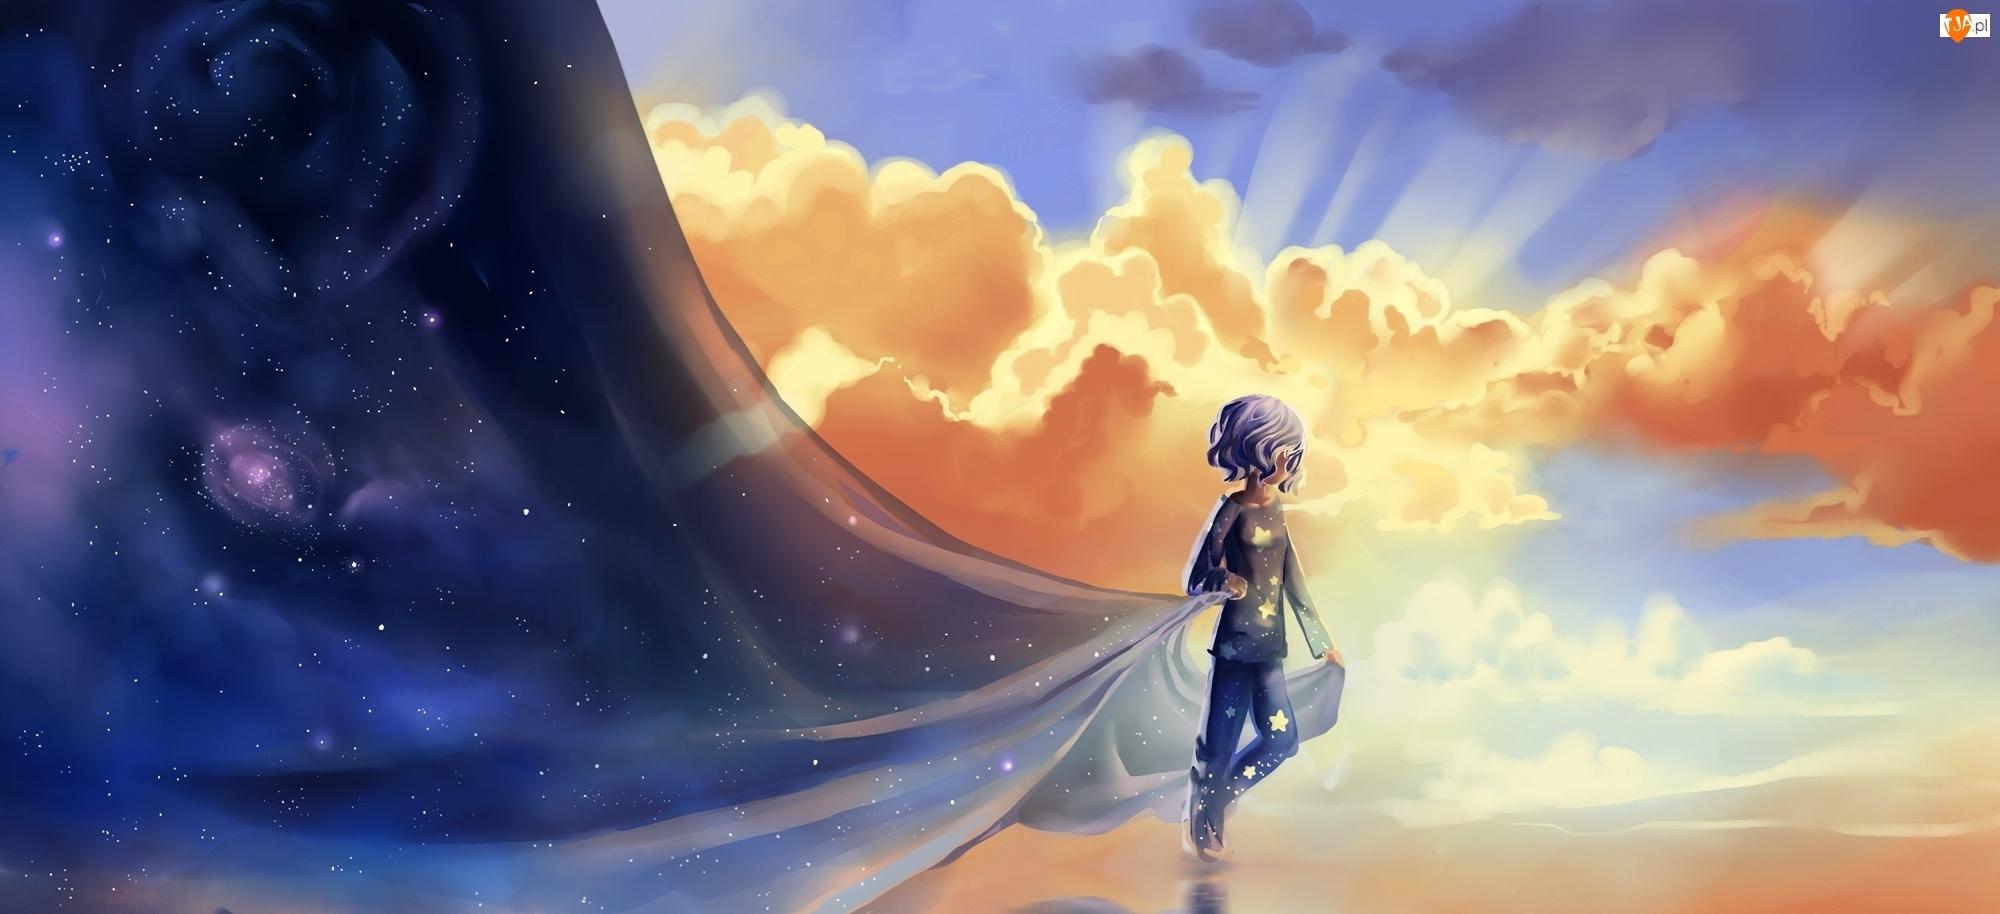 Chibionpu, Gwiazdy, Dziecko, Niebo